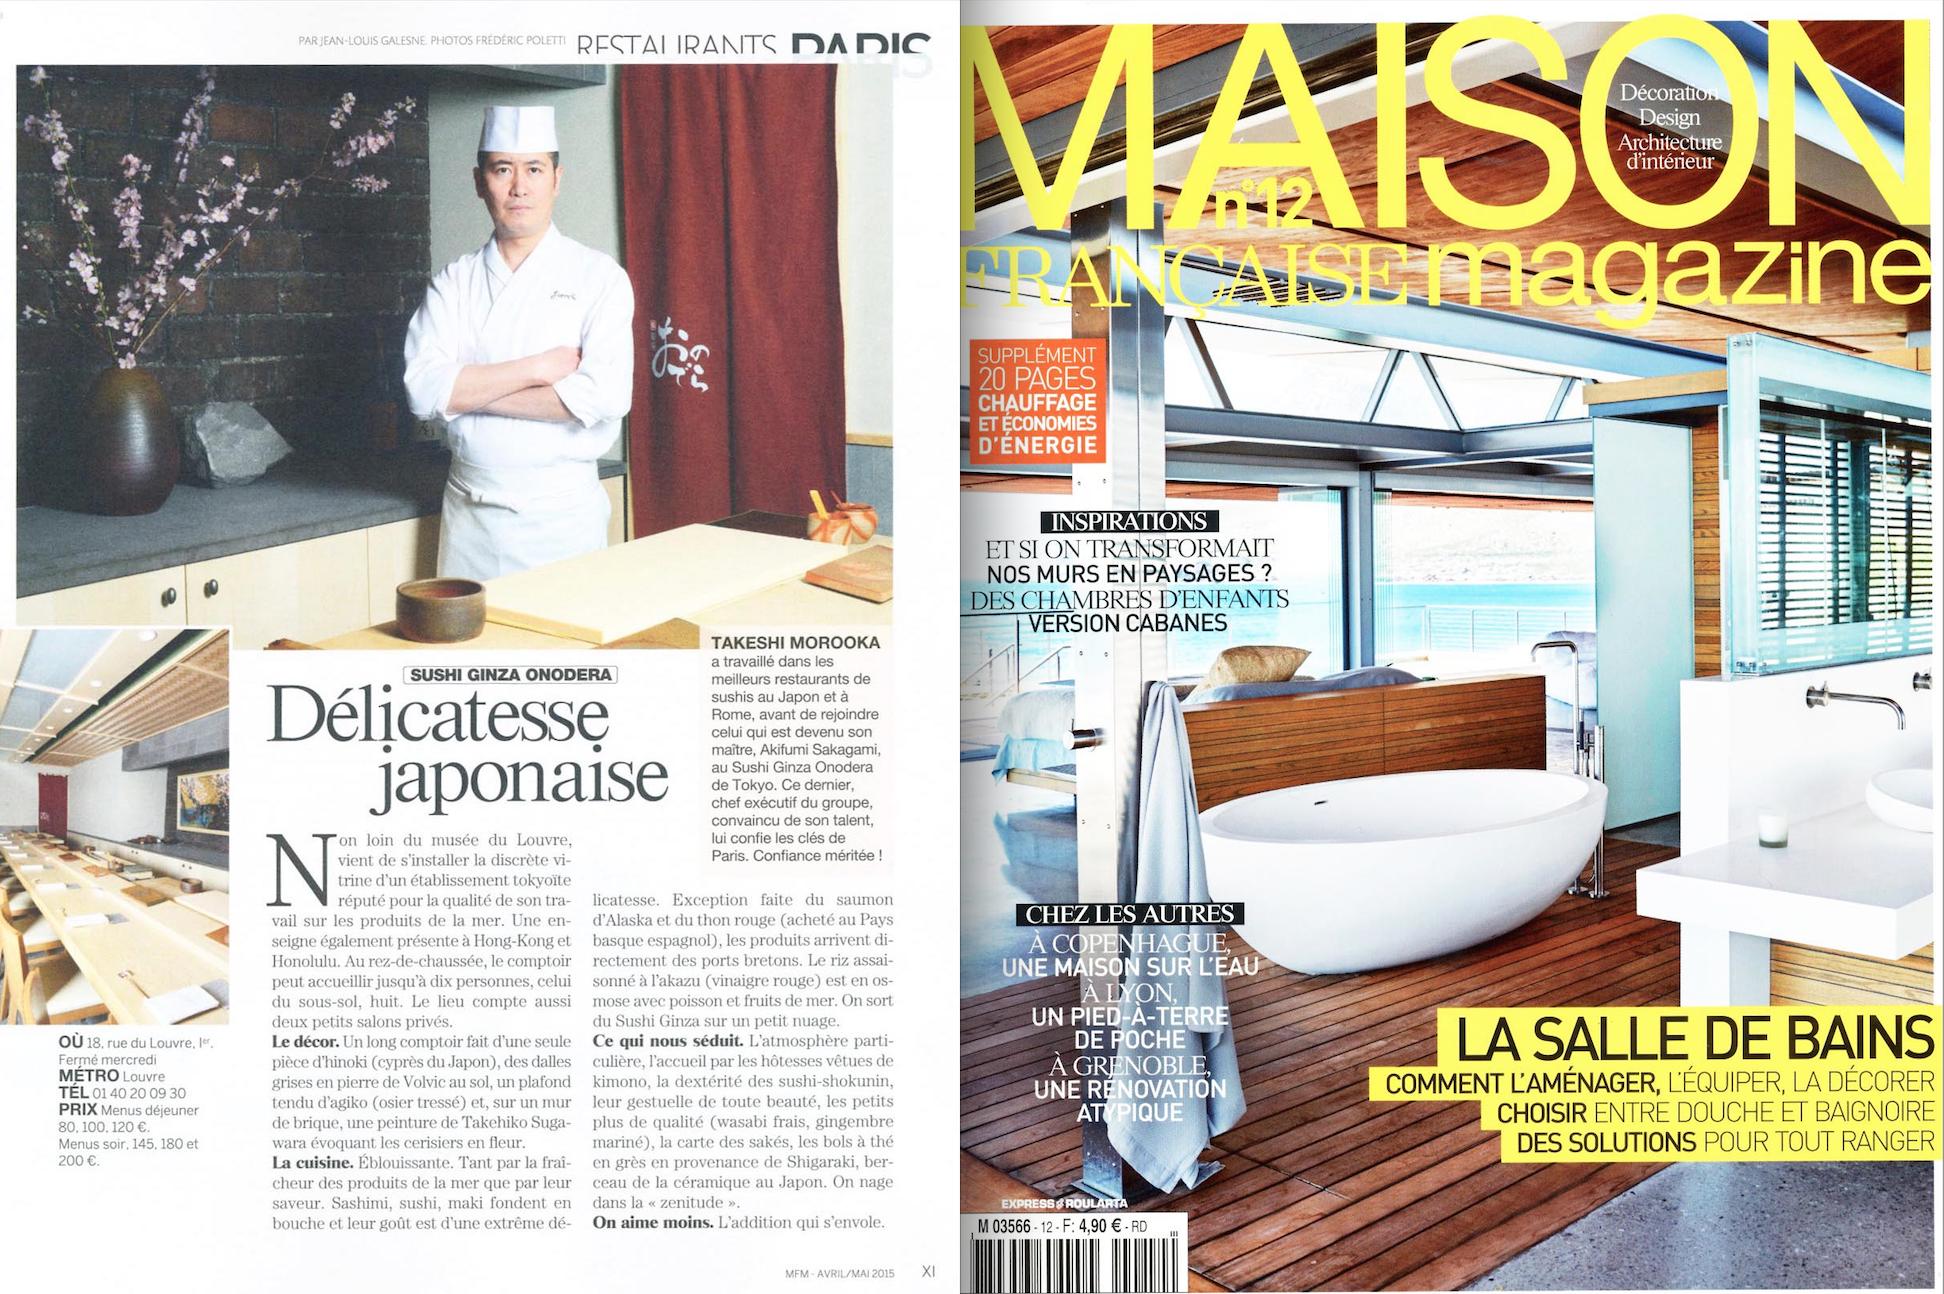 Sushi Ginza odera Paris dans le Maison Fran§aise Magazine d Avril